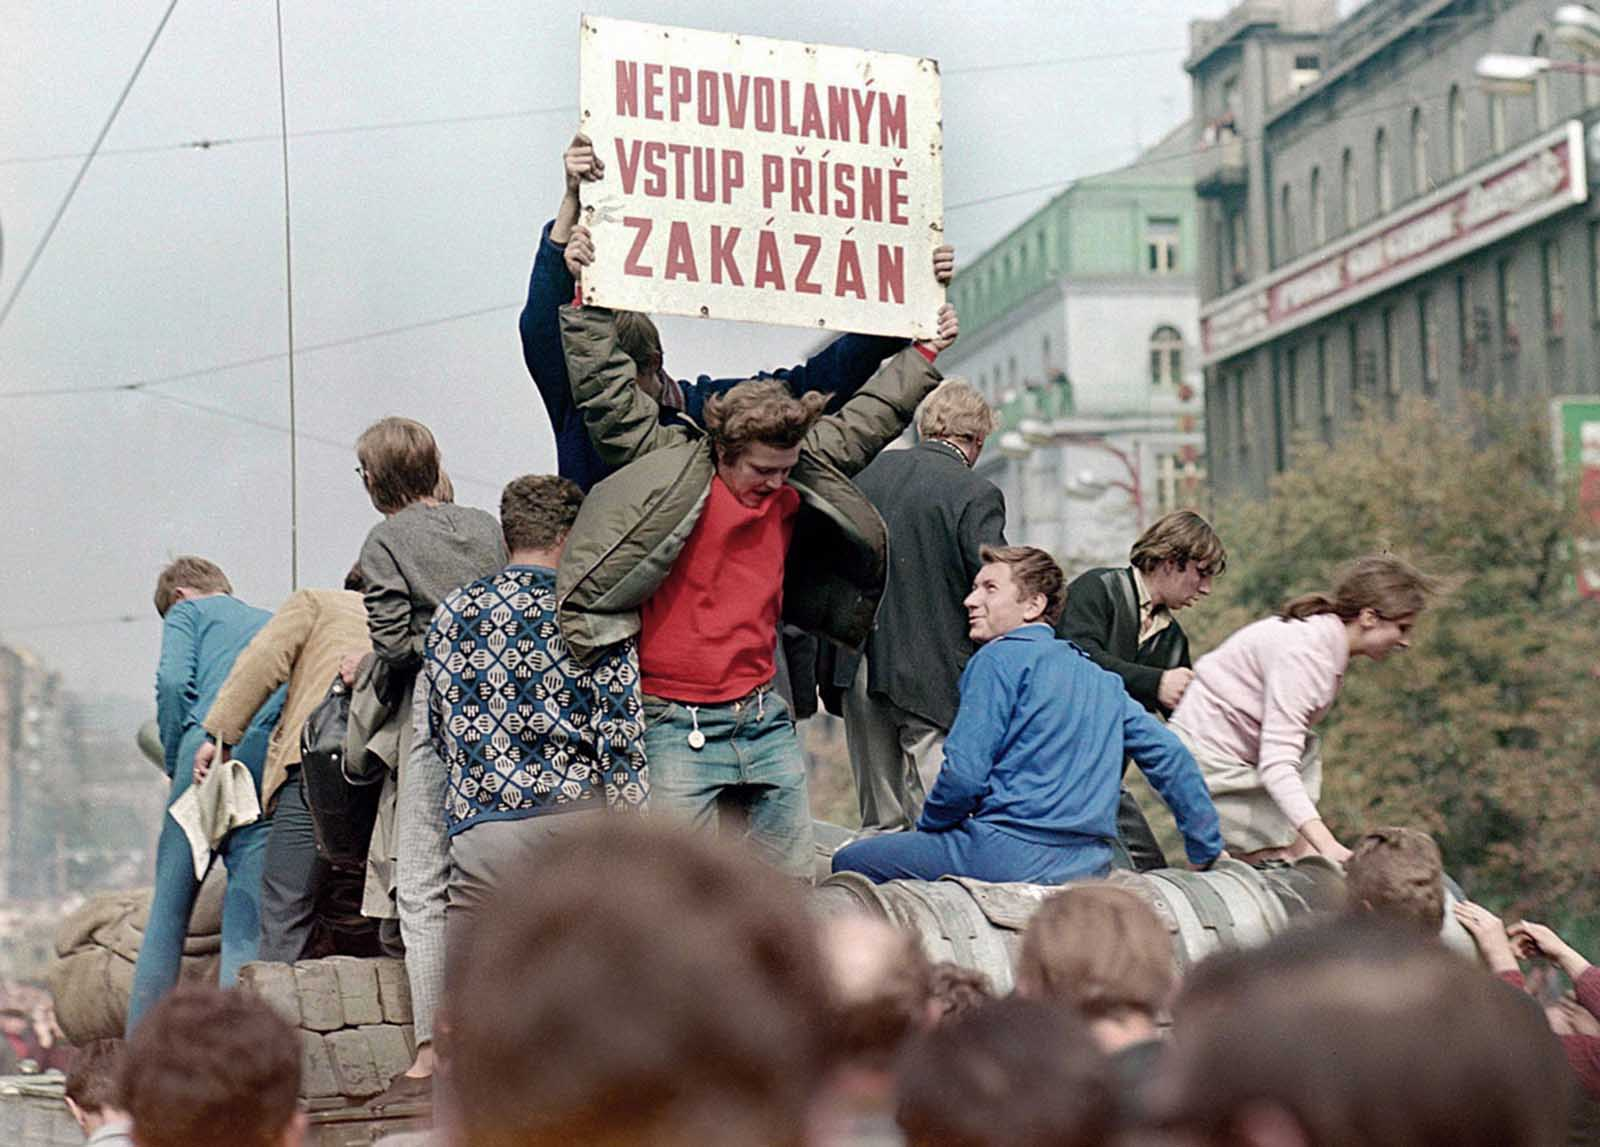 Los residentes de Praga viajan sobre un tanque del ejército soviético que rueda por la Plaza Wenceslao en el centro de Praga durante el primer día de la invasión liderada por los soviéticos, el 21 de agosto de 1968. La pancarta dice: